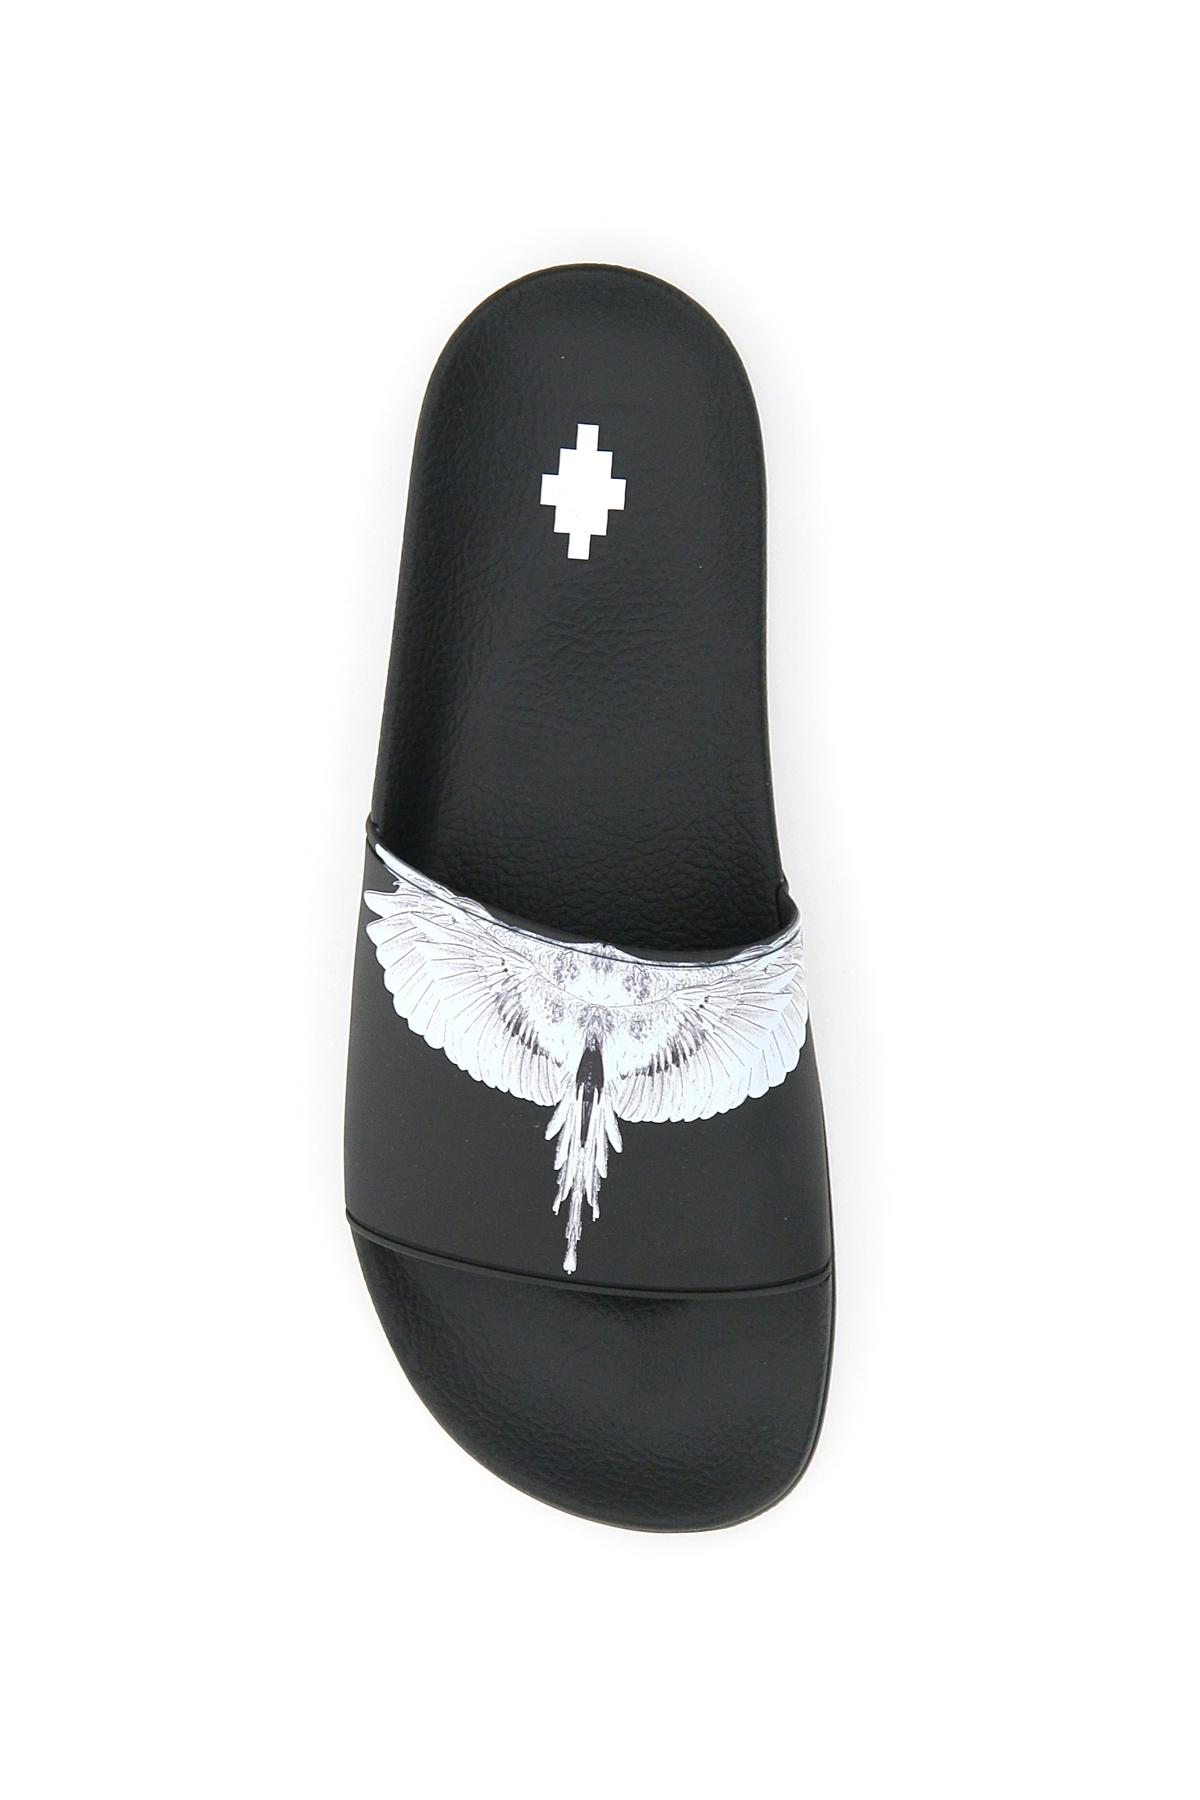 Marcelo burlon slide in gomma stampa wings